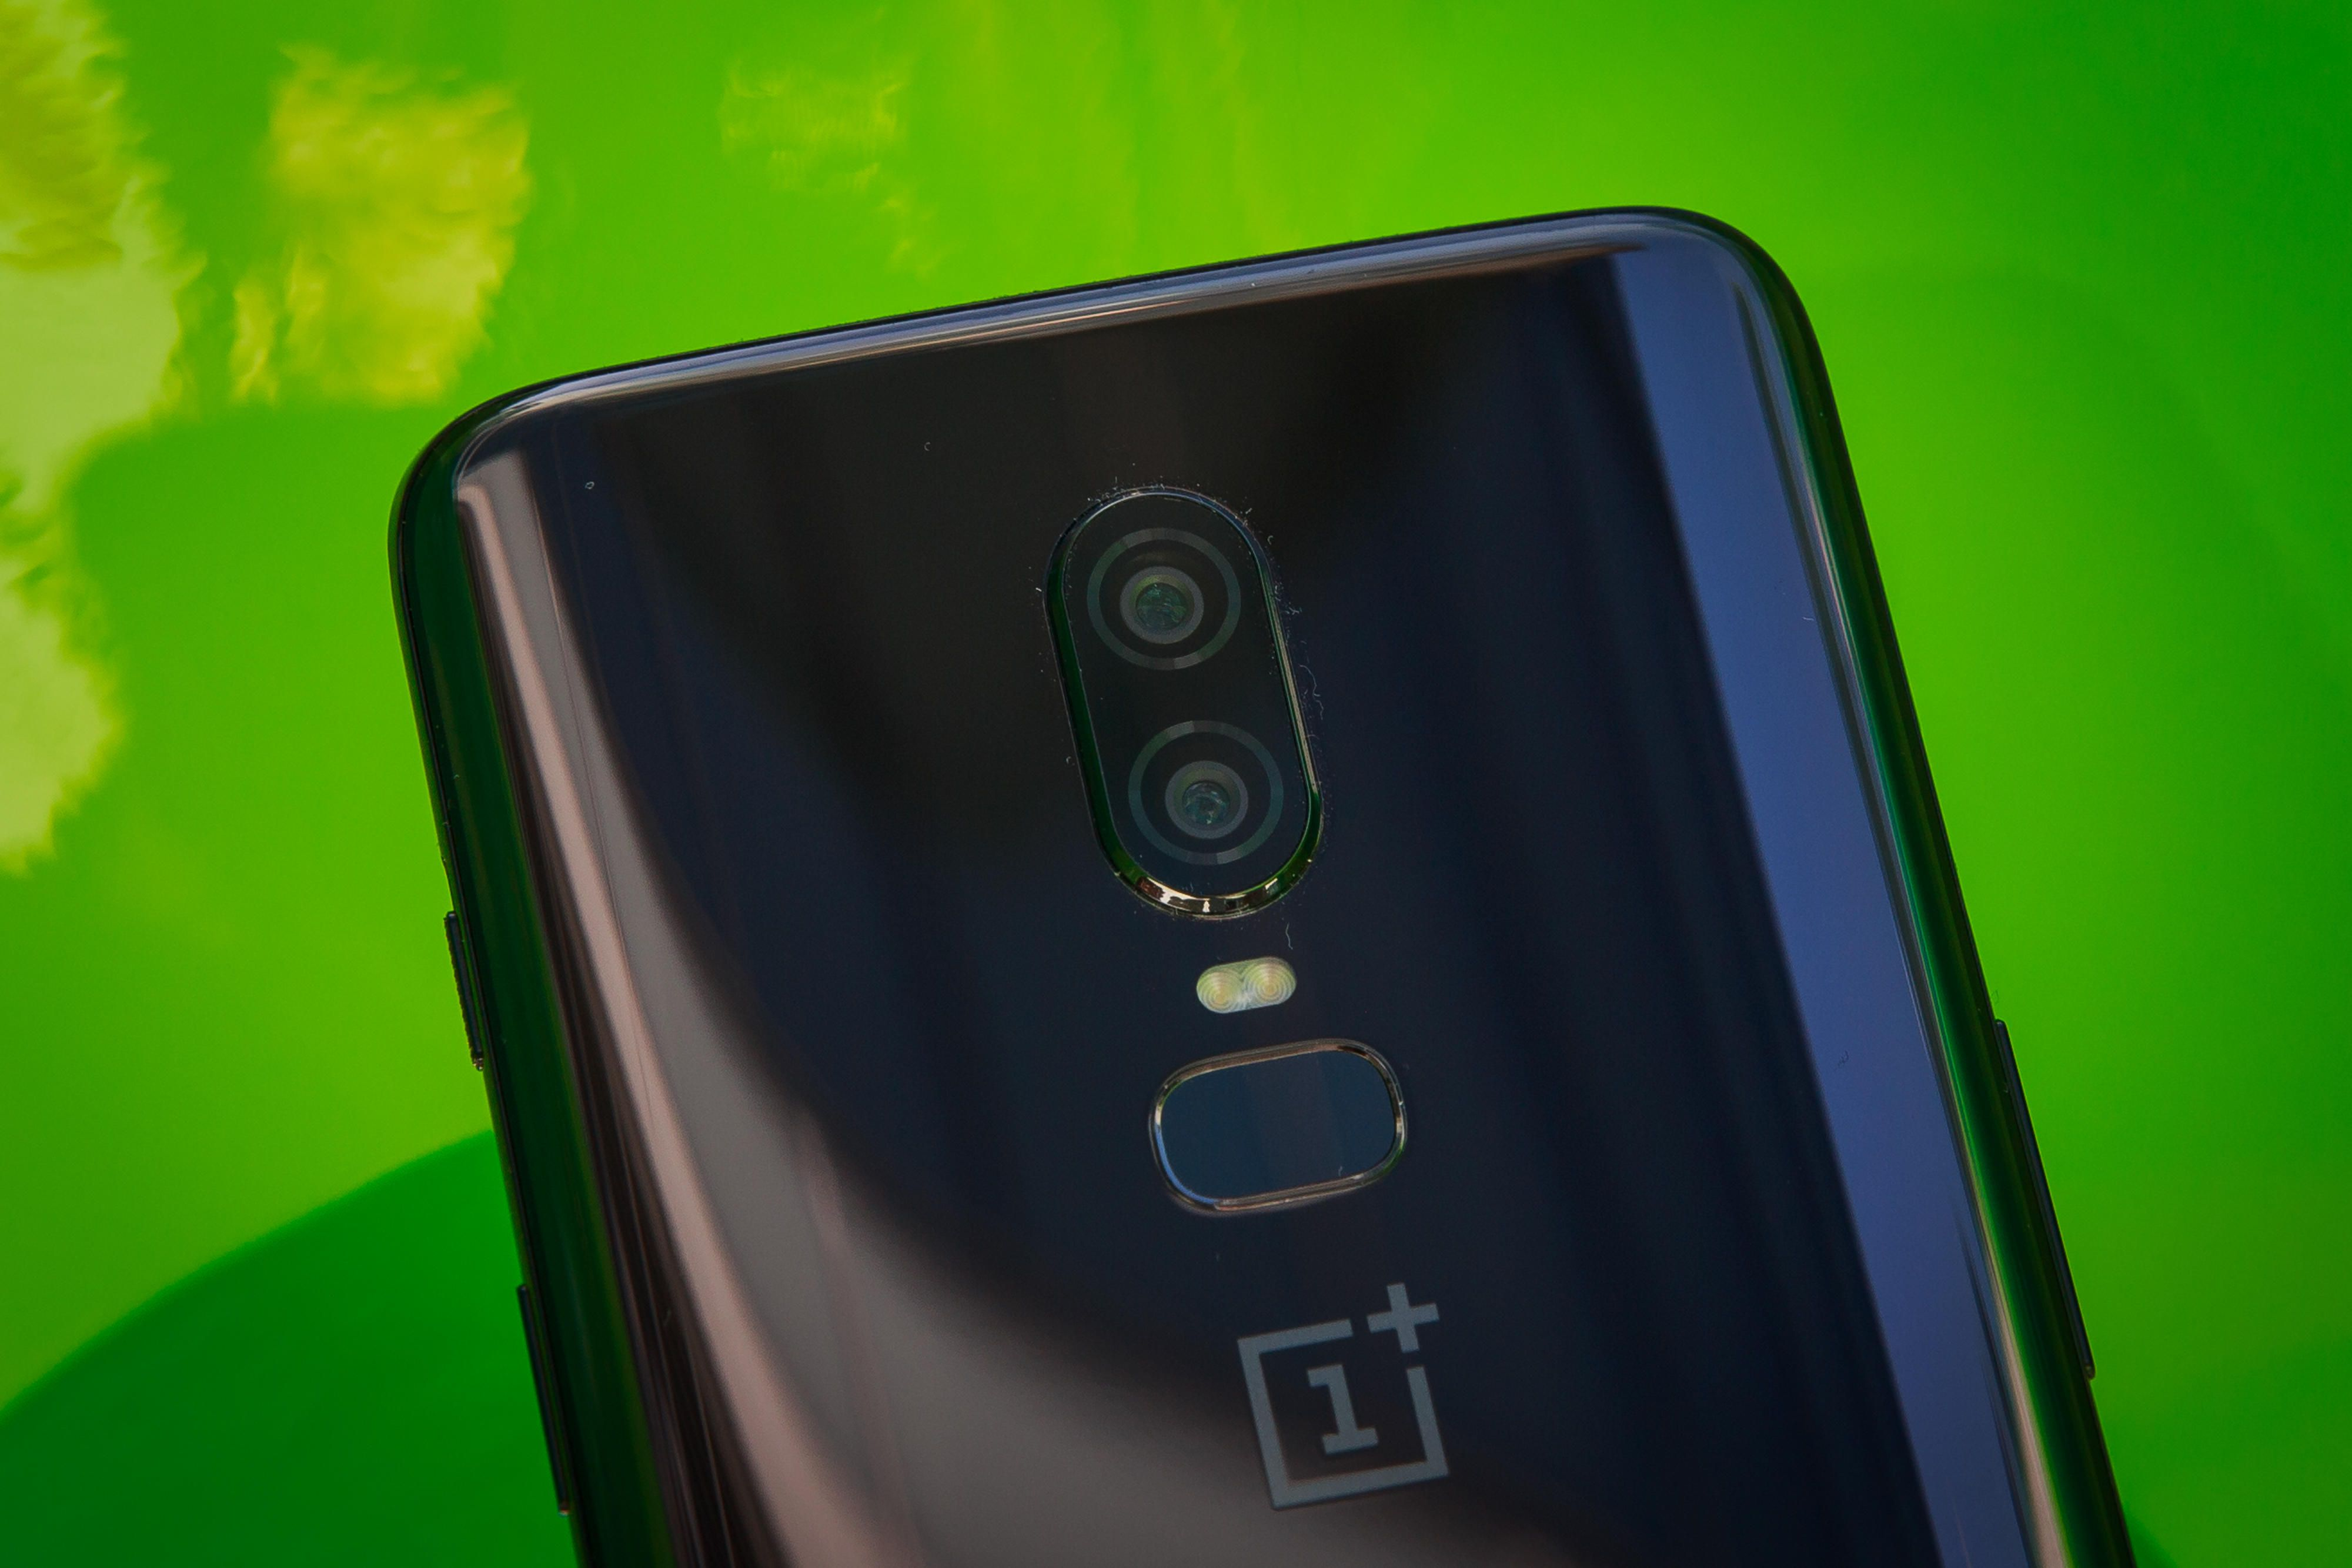 OnePlus entra nella classifica degli smartphone di fascia alta più venduti thumbnail